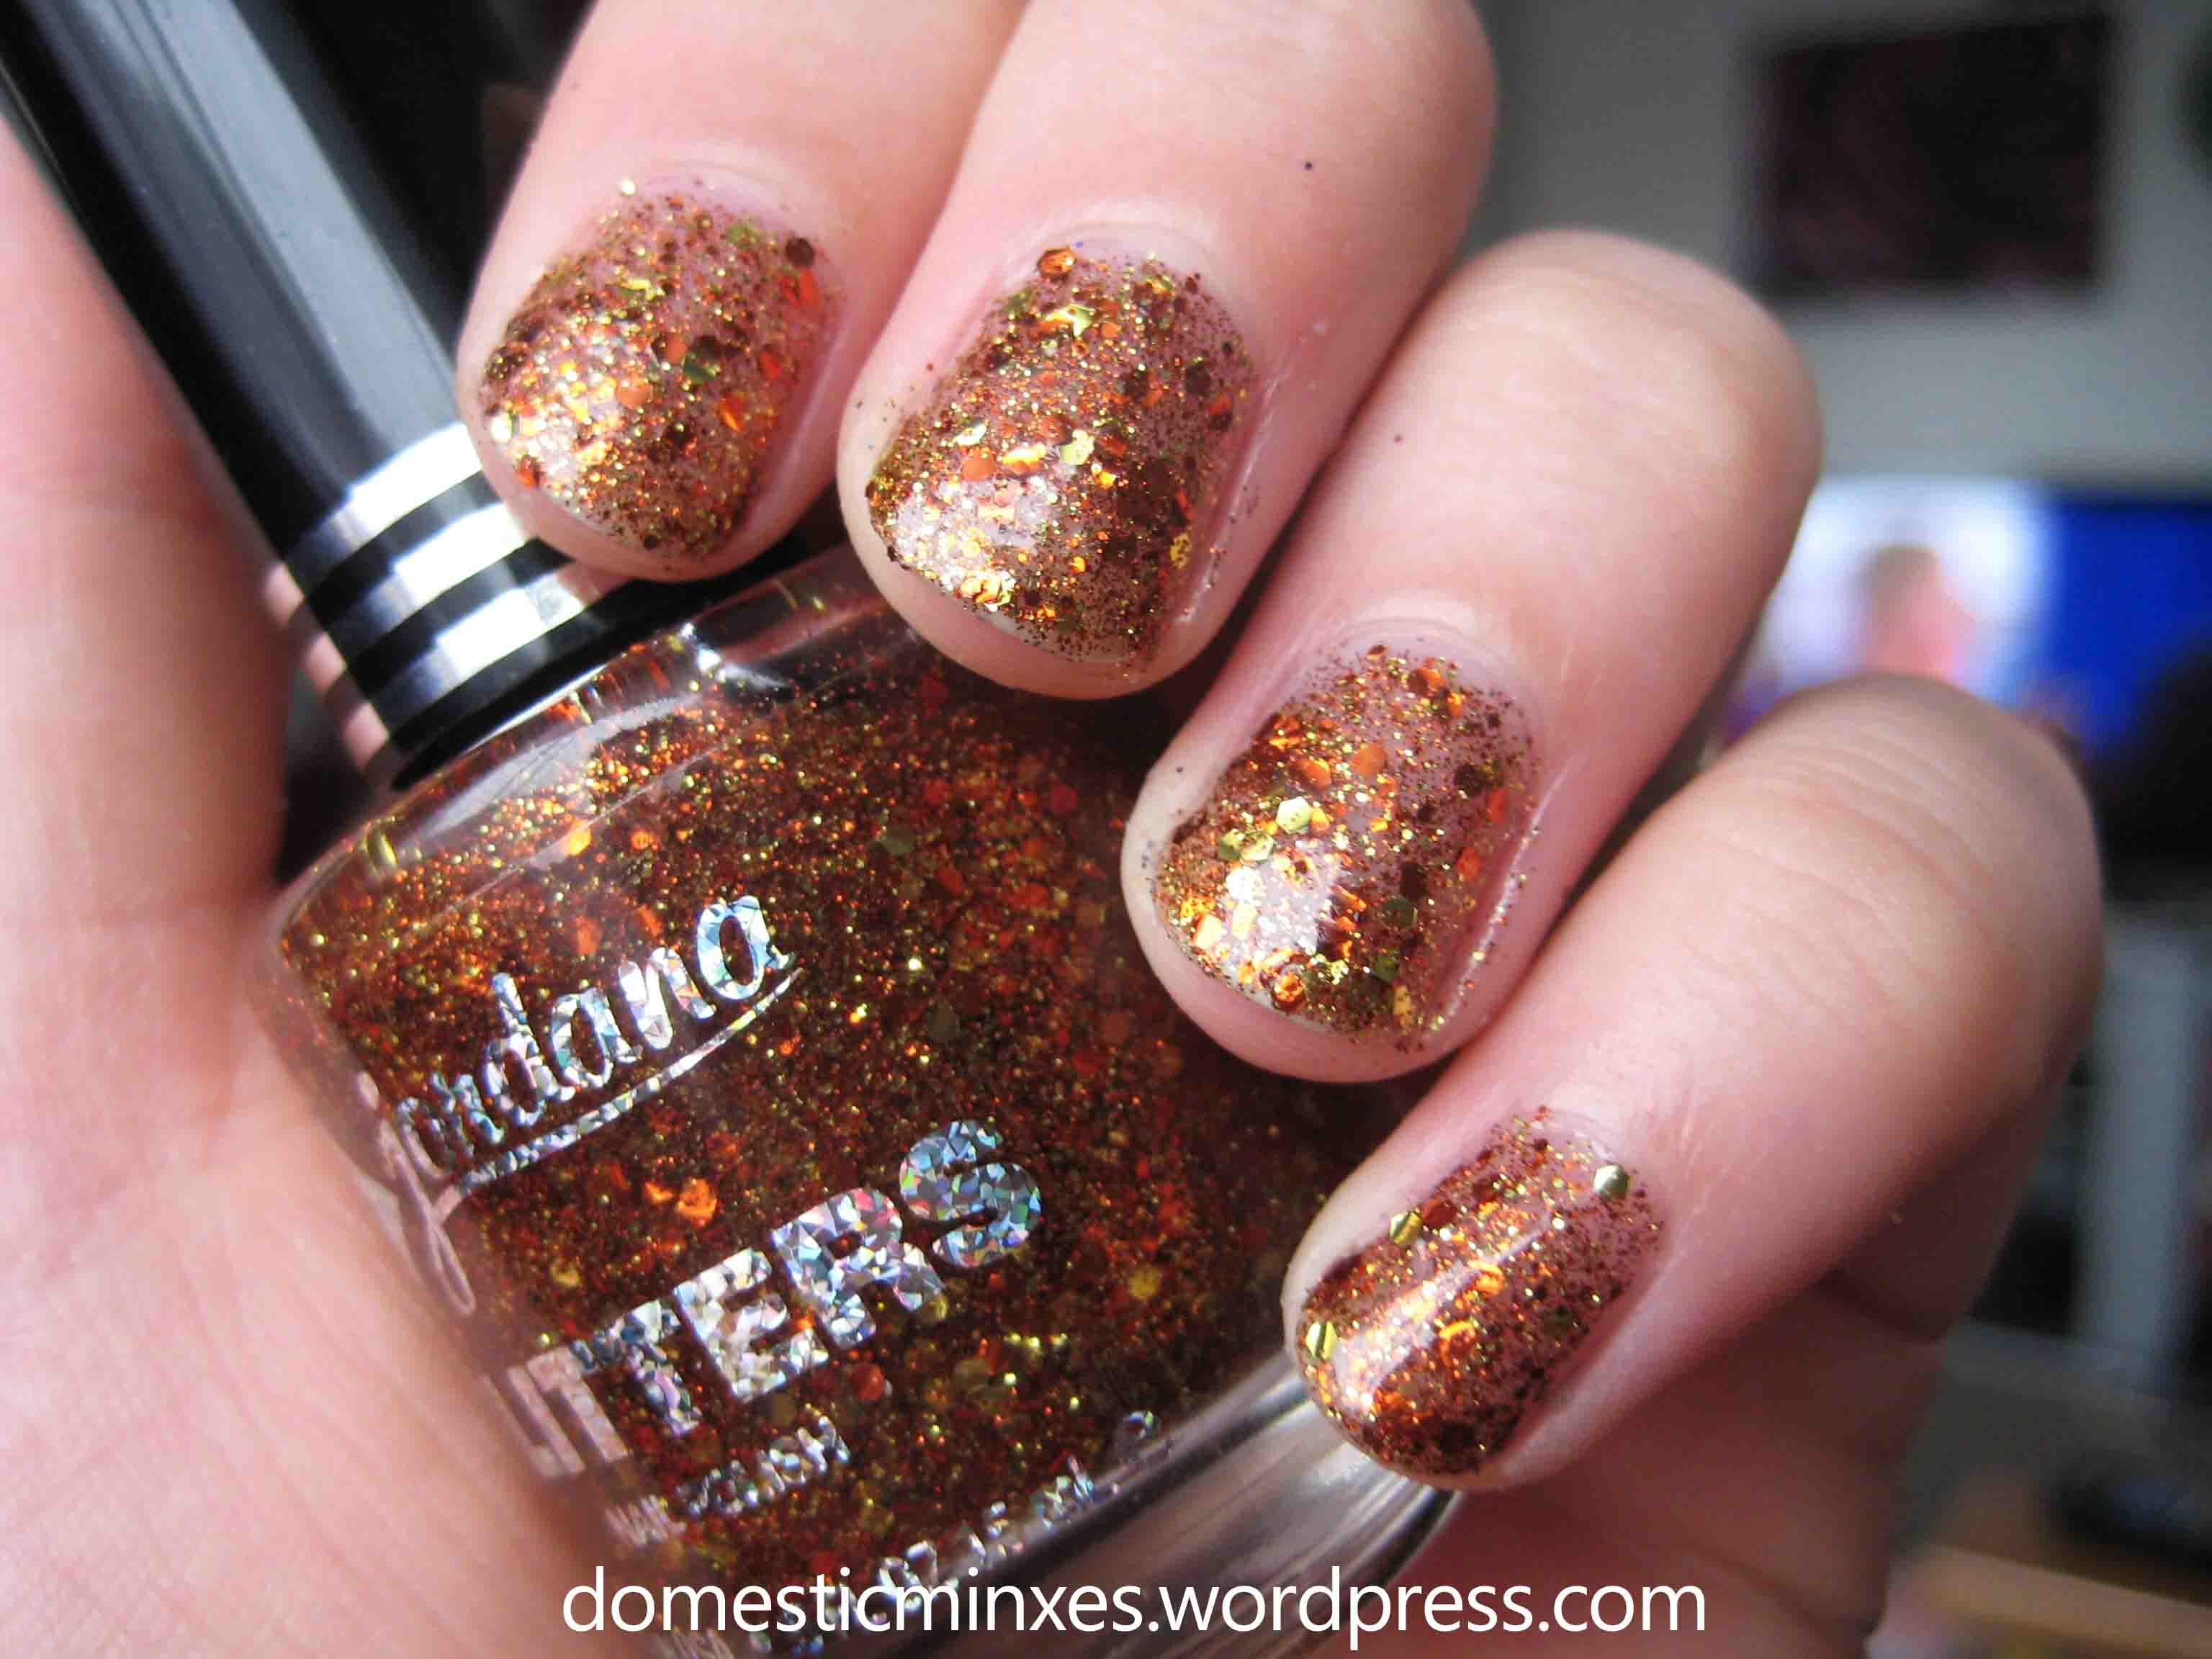 Jordana Glitter Specialty Nail Polish Swatches | DomesticMinxes